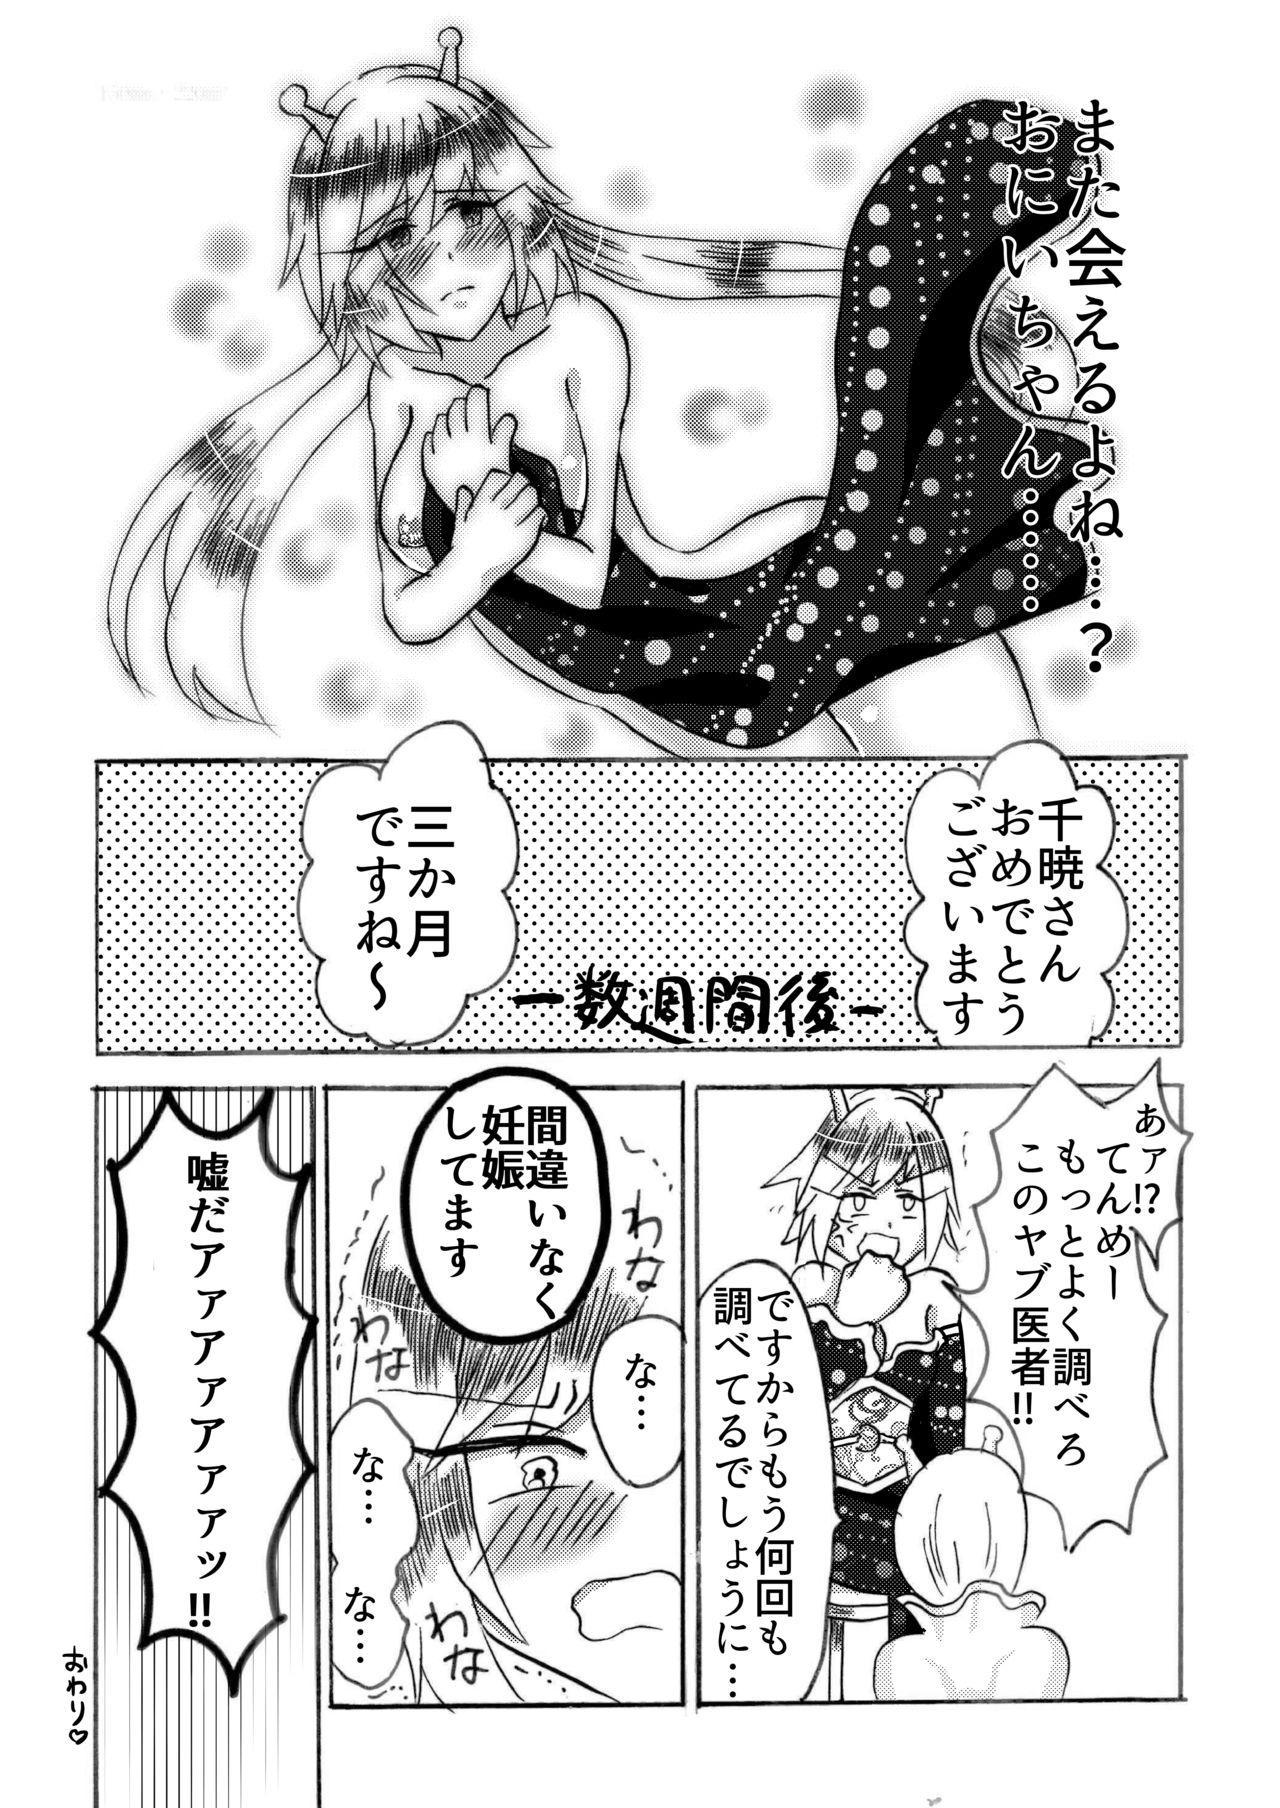 Hira-zoku no Hanashi 35